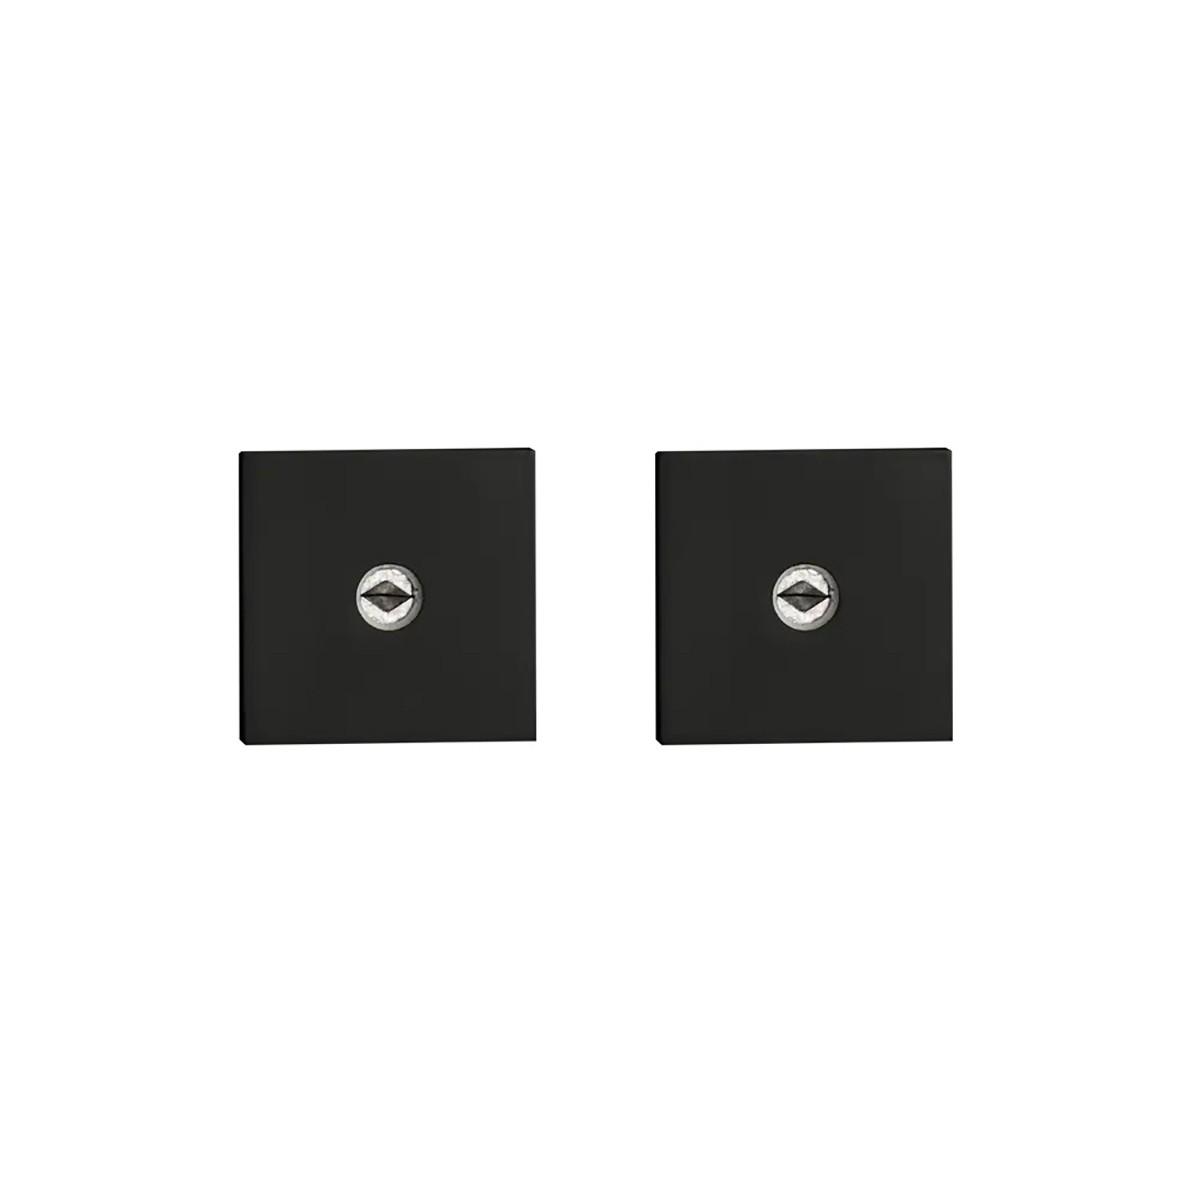 Fechadura auxiliar pado tetra 11500 roseta quadrada preta - dupla